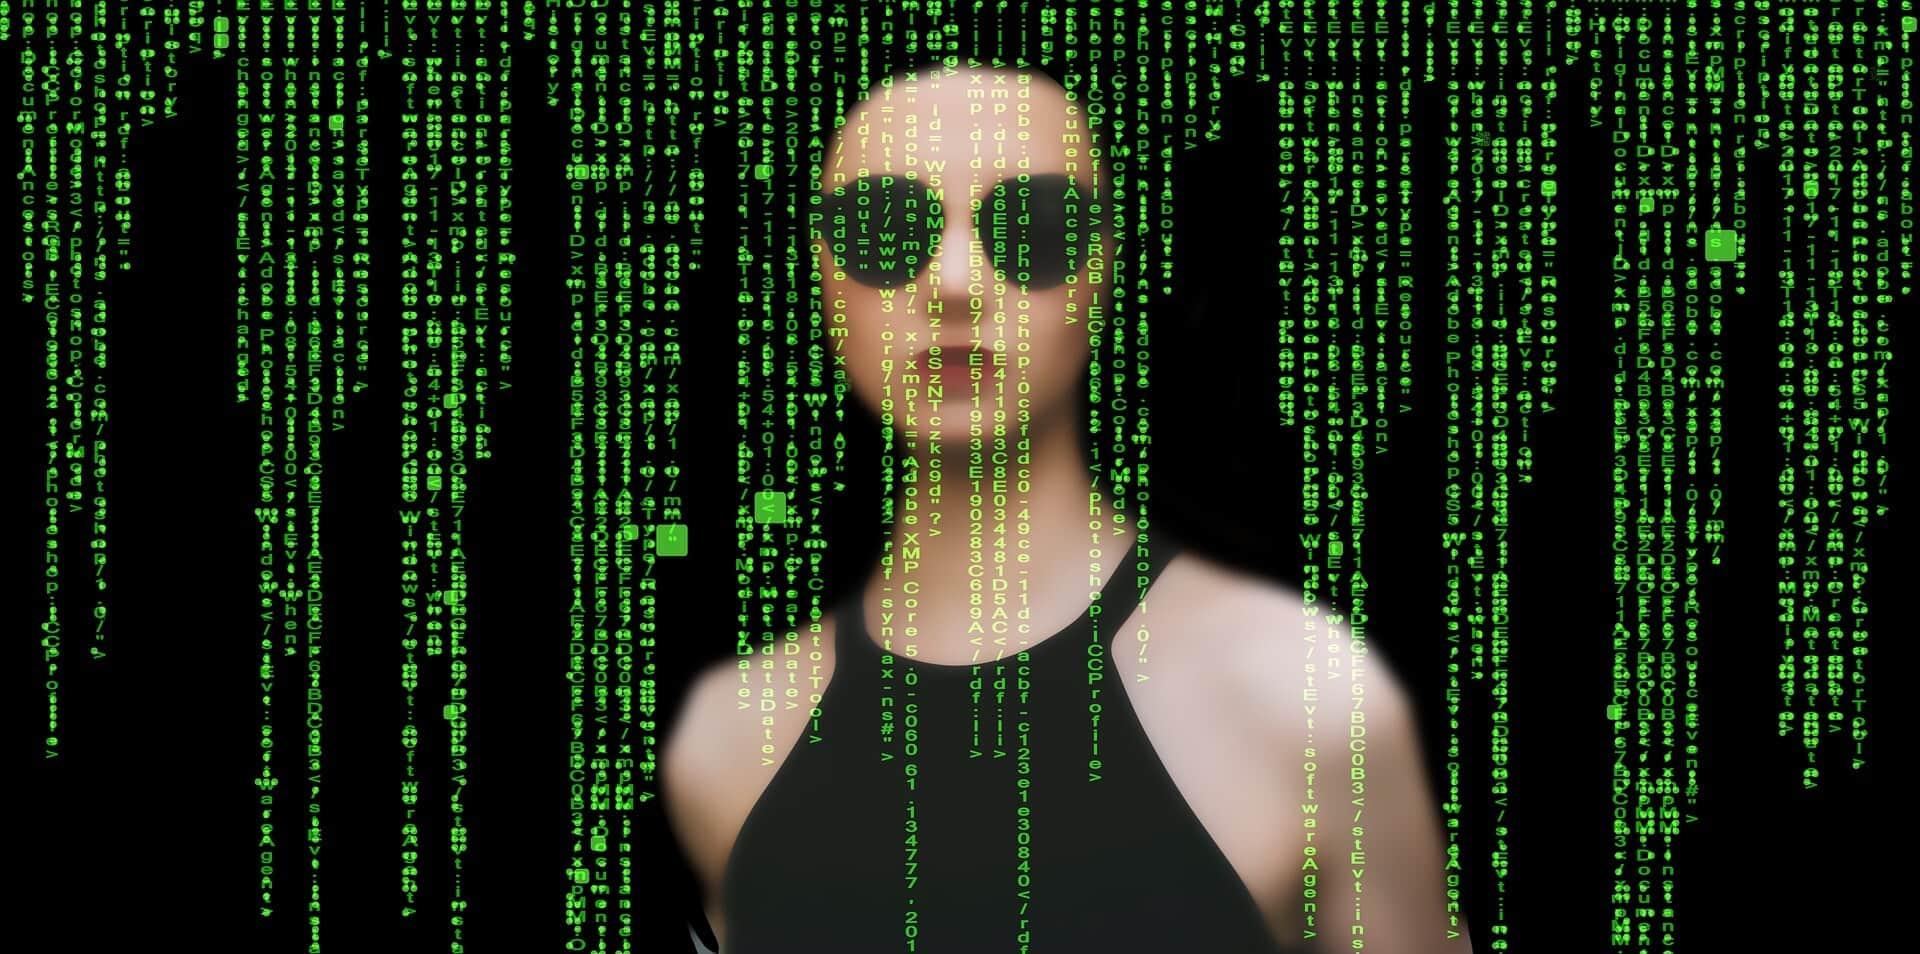 为什么互联网隐私很重要